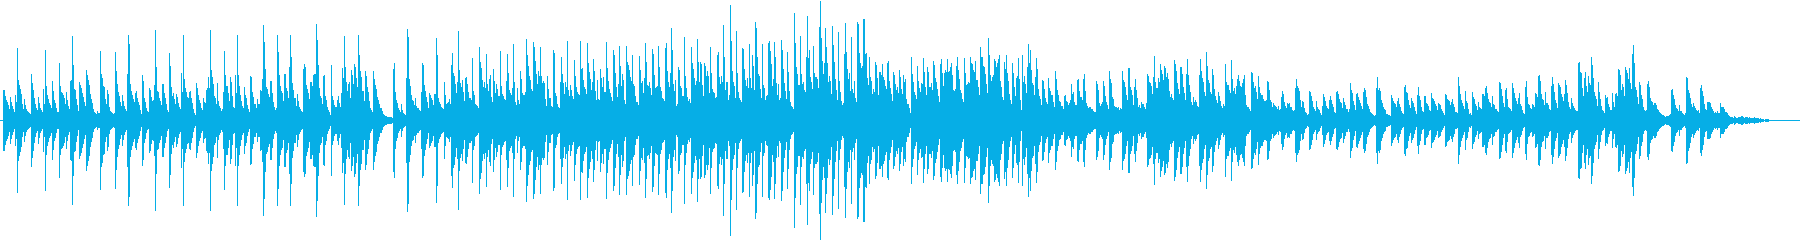 アニバーサルな雰囲気でピアノの曲の再生済みの波形